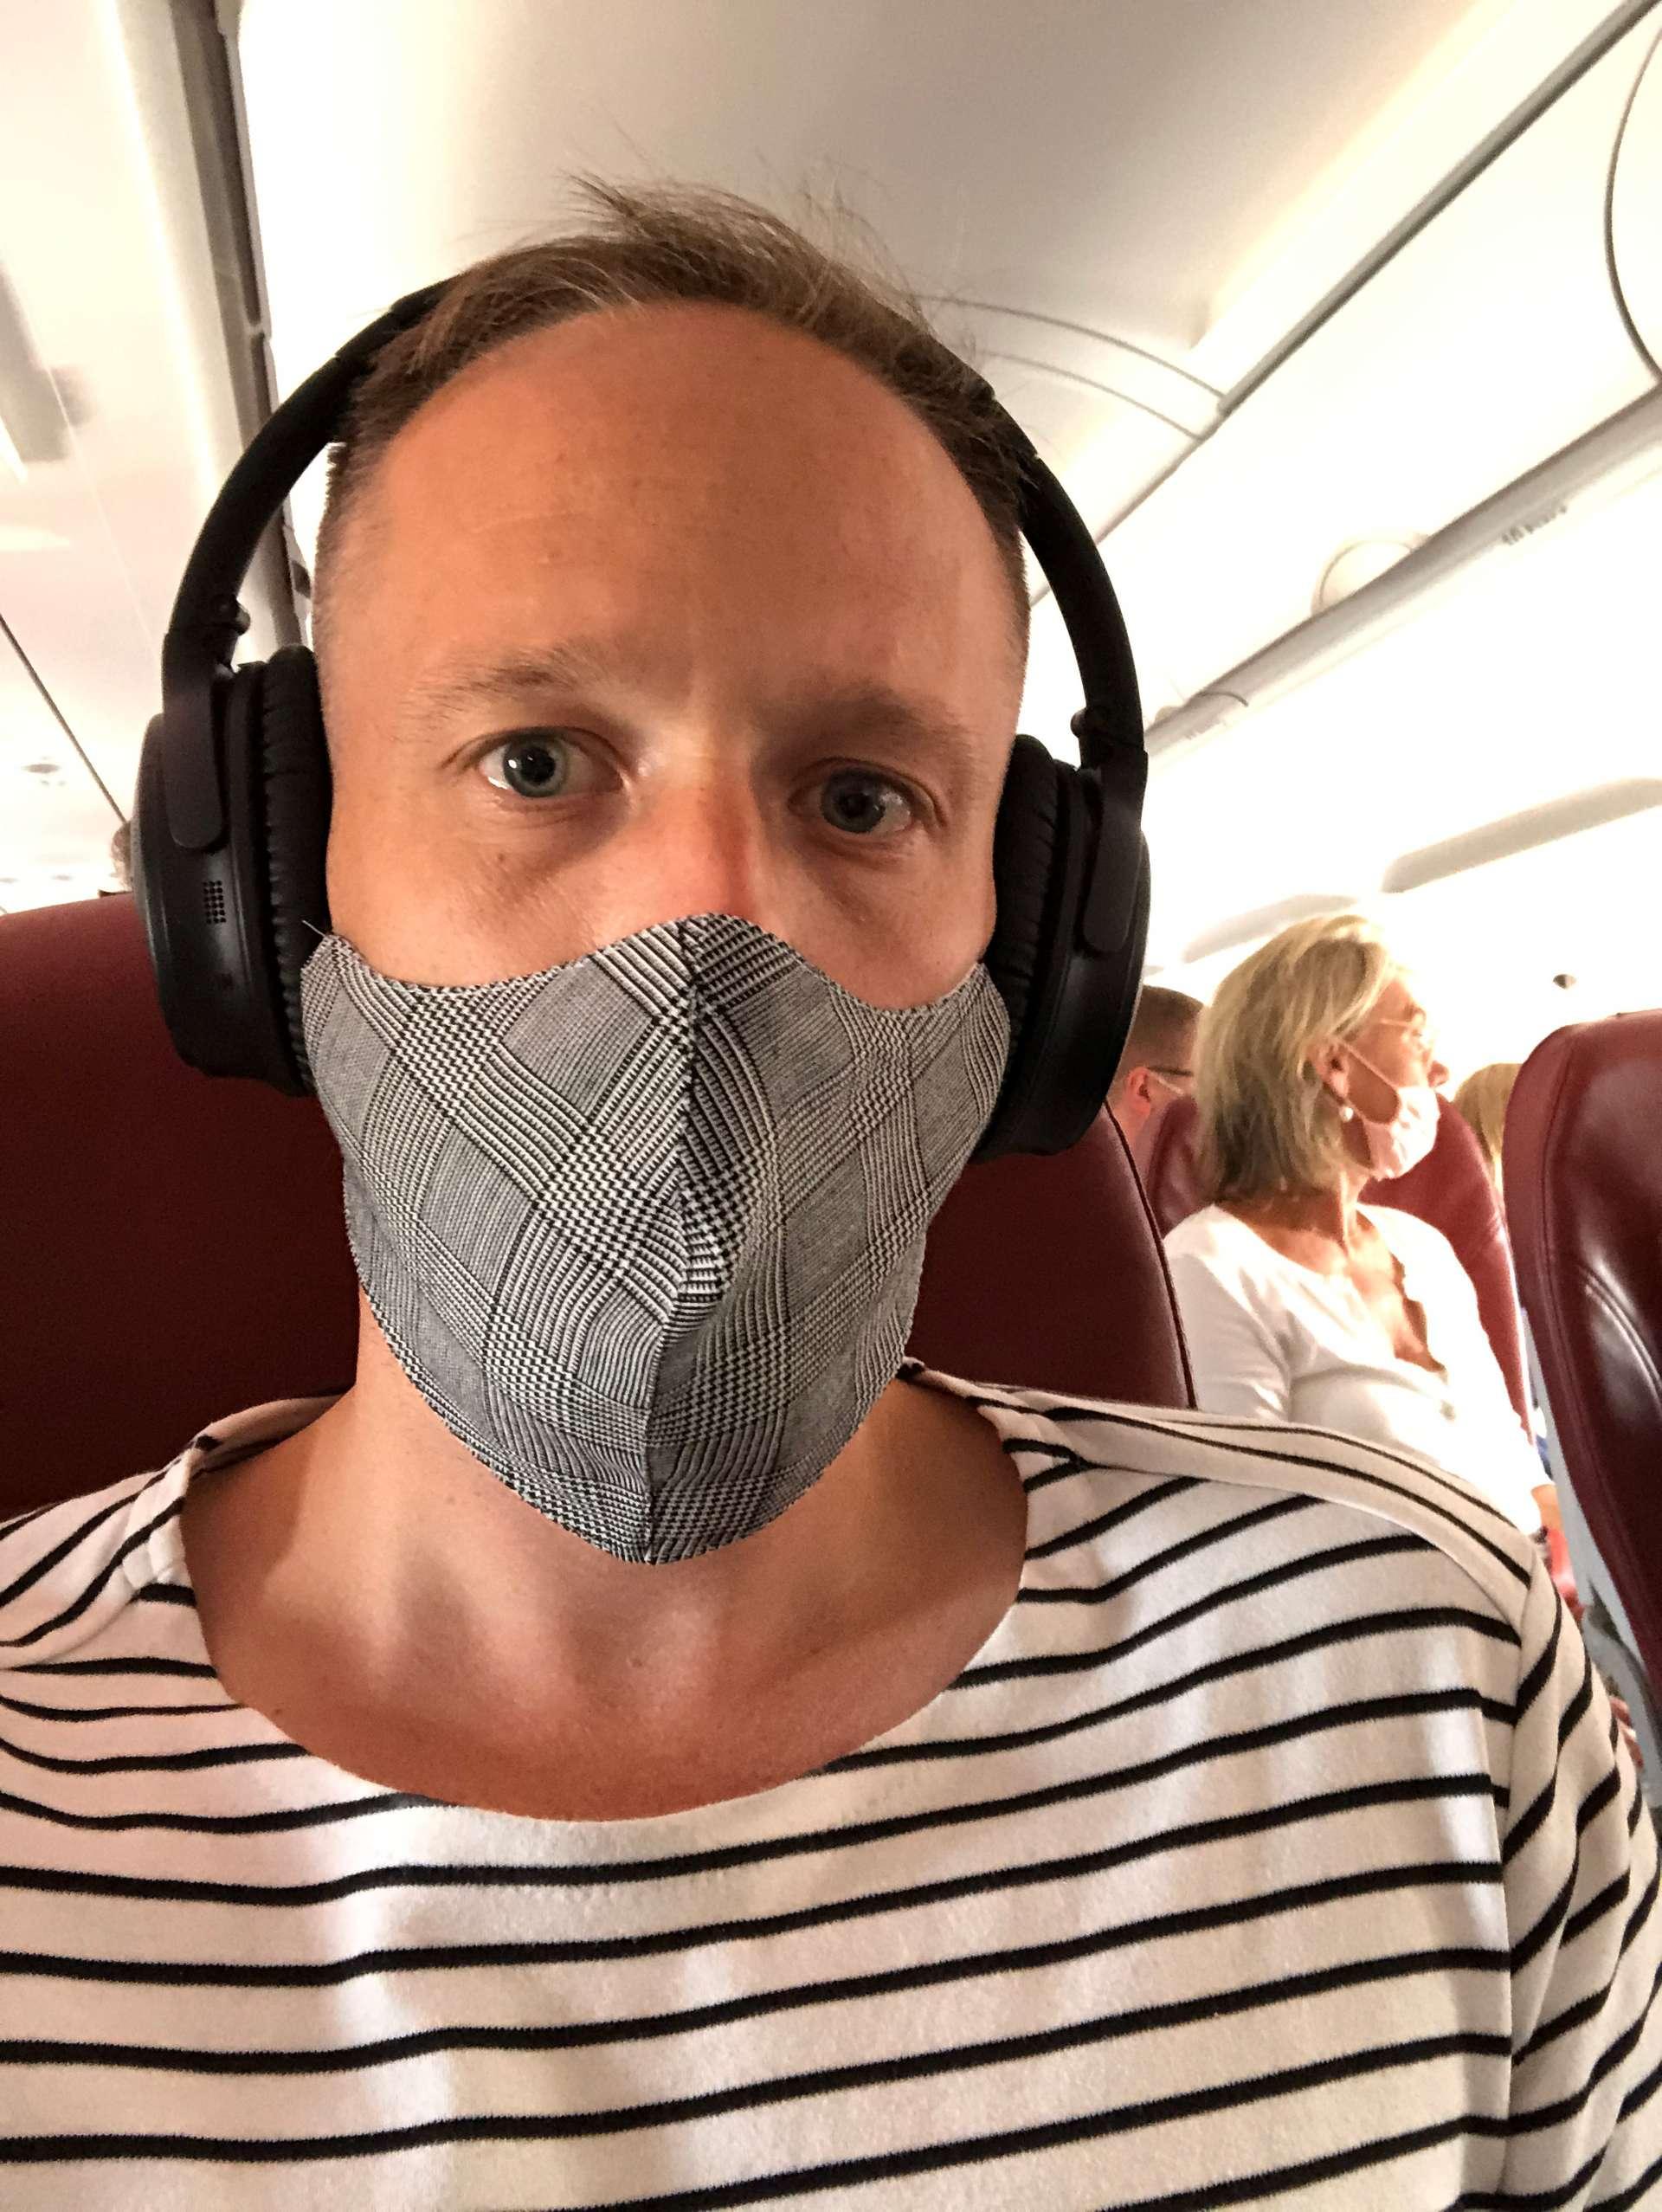 Mondkapje tijdens de vlucht